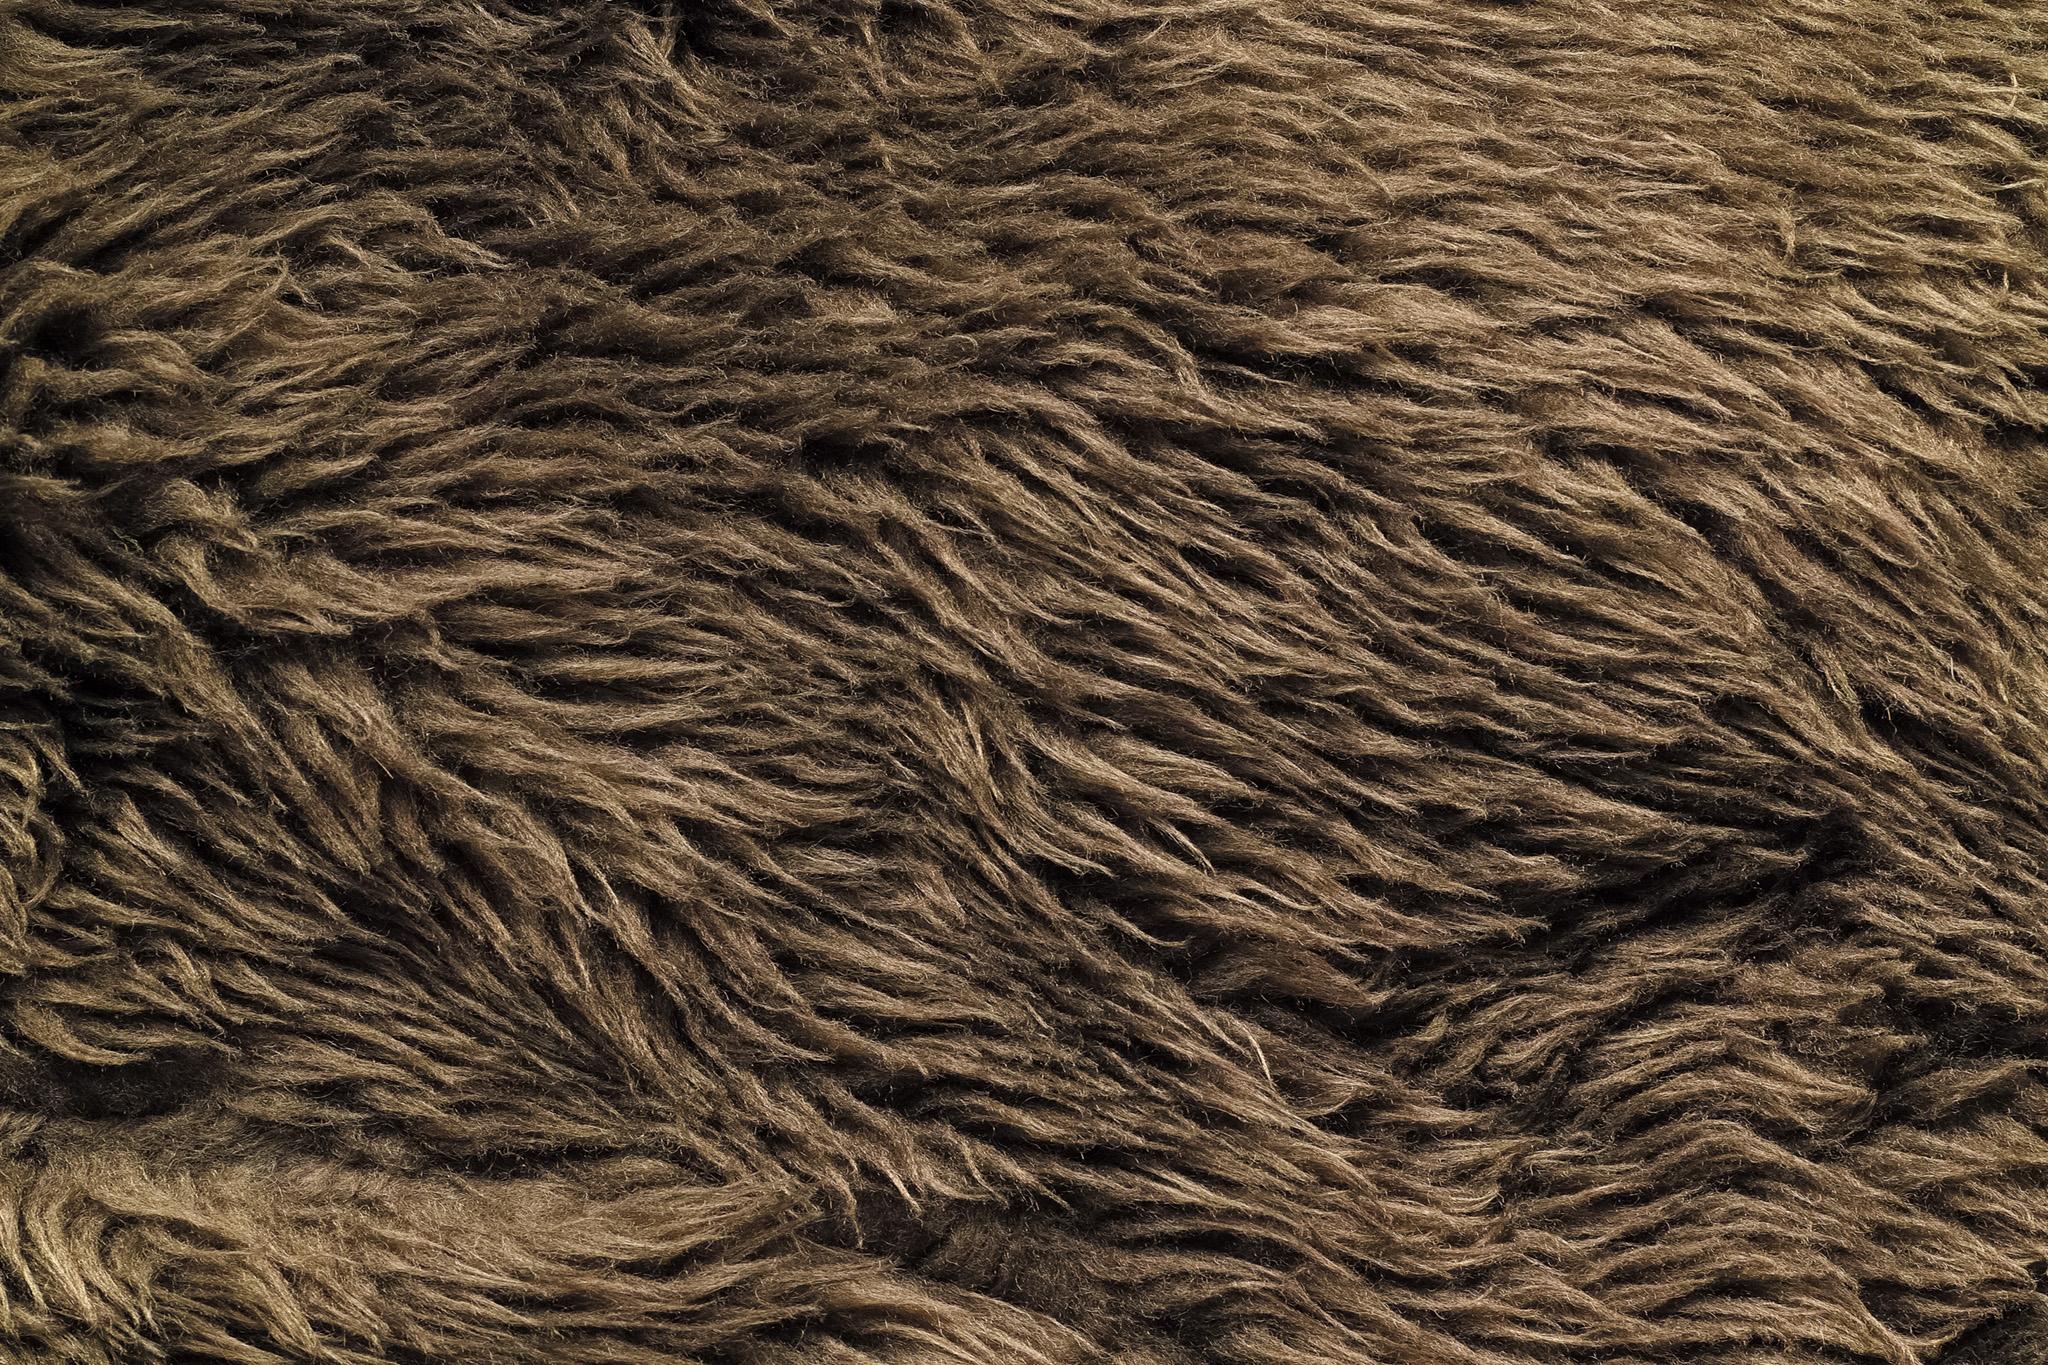 乾燥した毛のゴワゴワとした質感